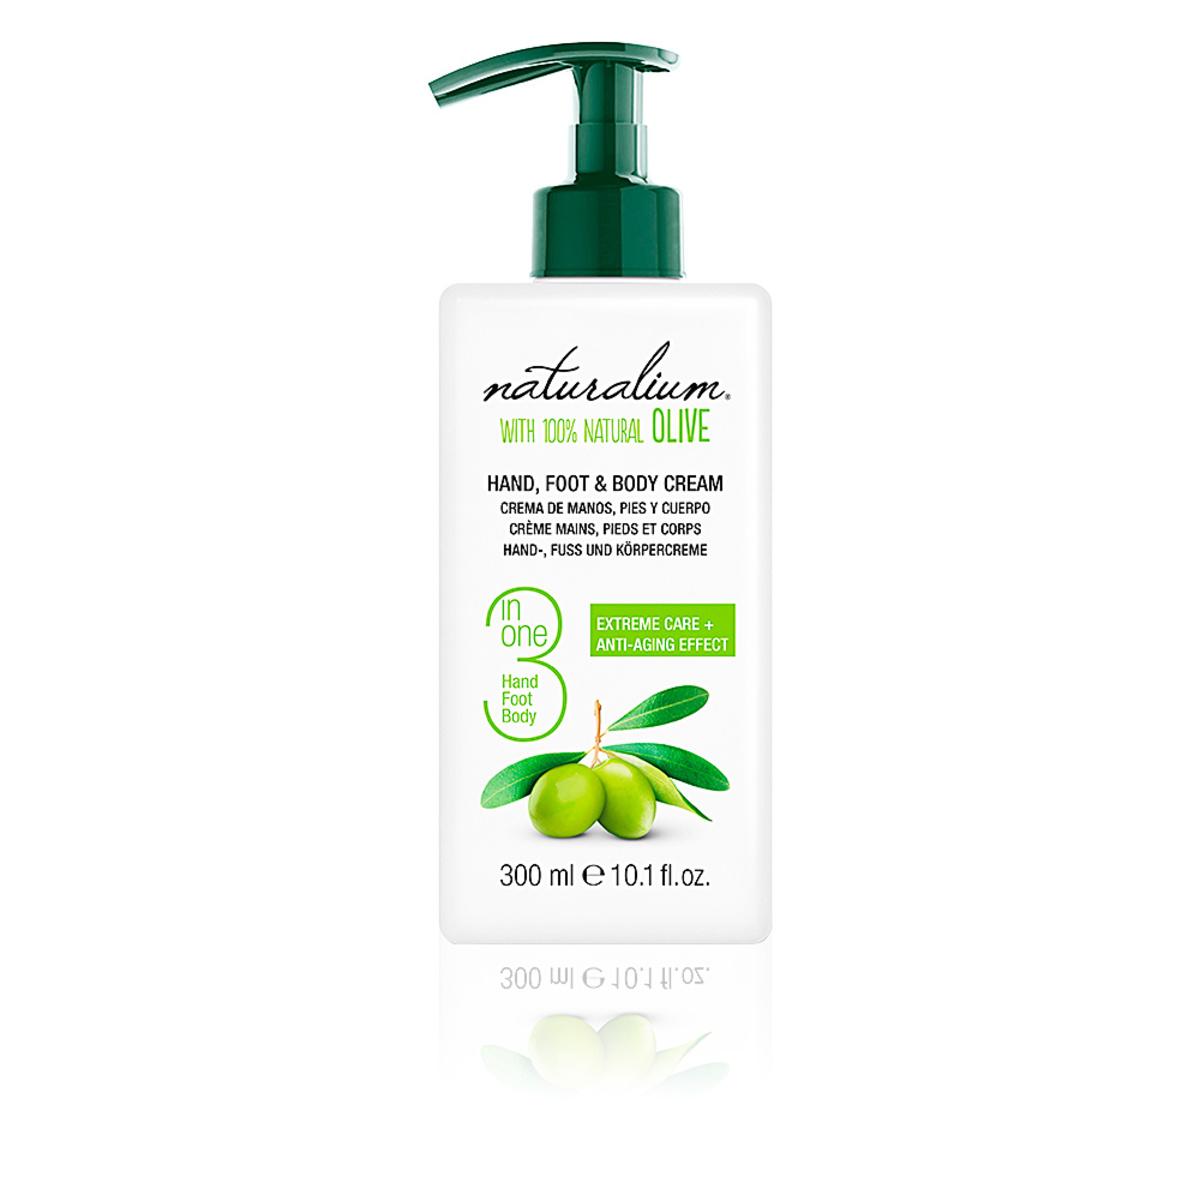 Naturalium Olive 3 in 1 Hand & Foot & Body Cream 300ml